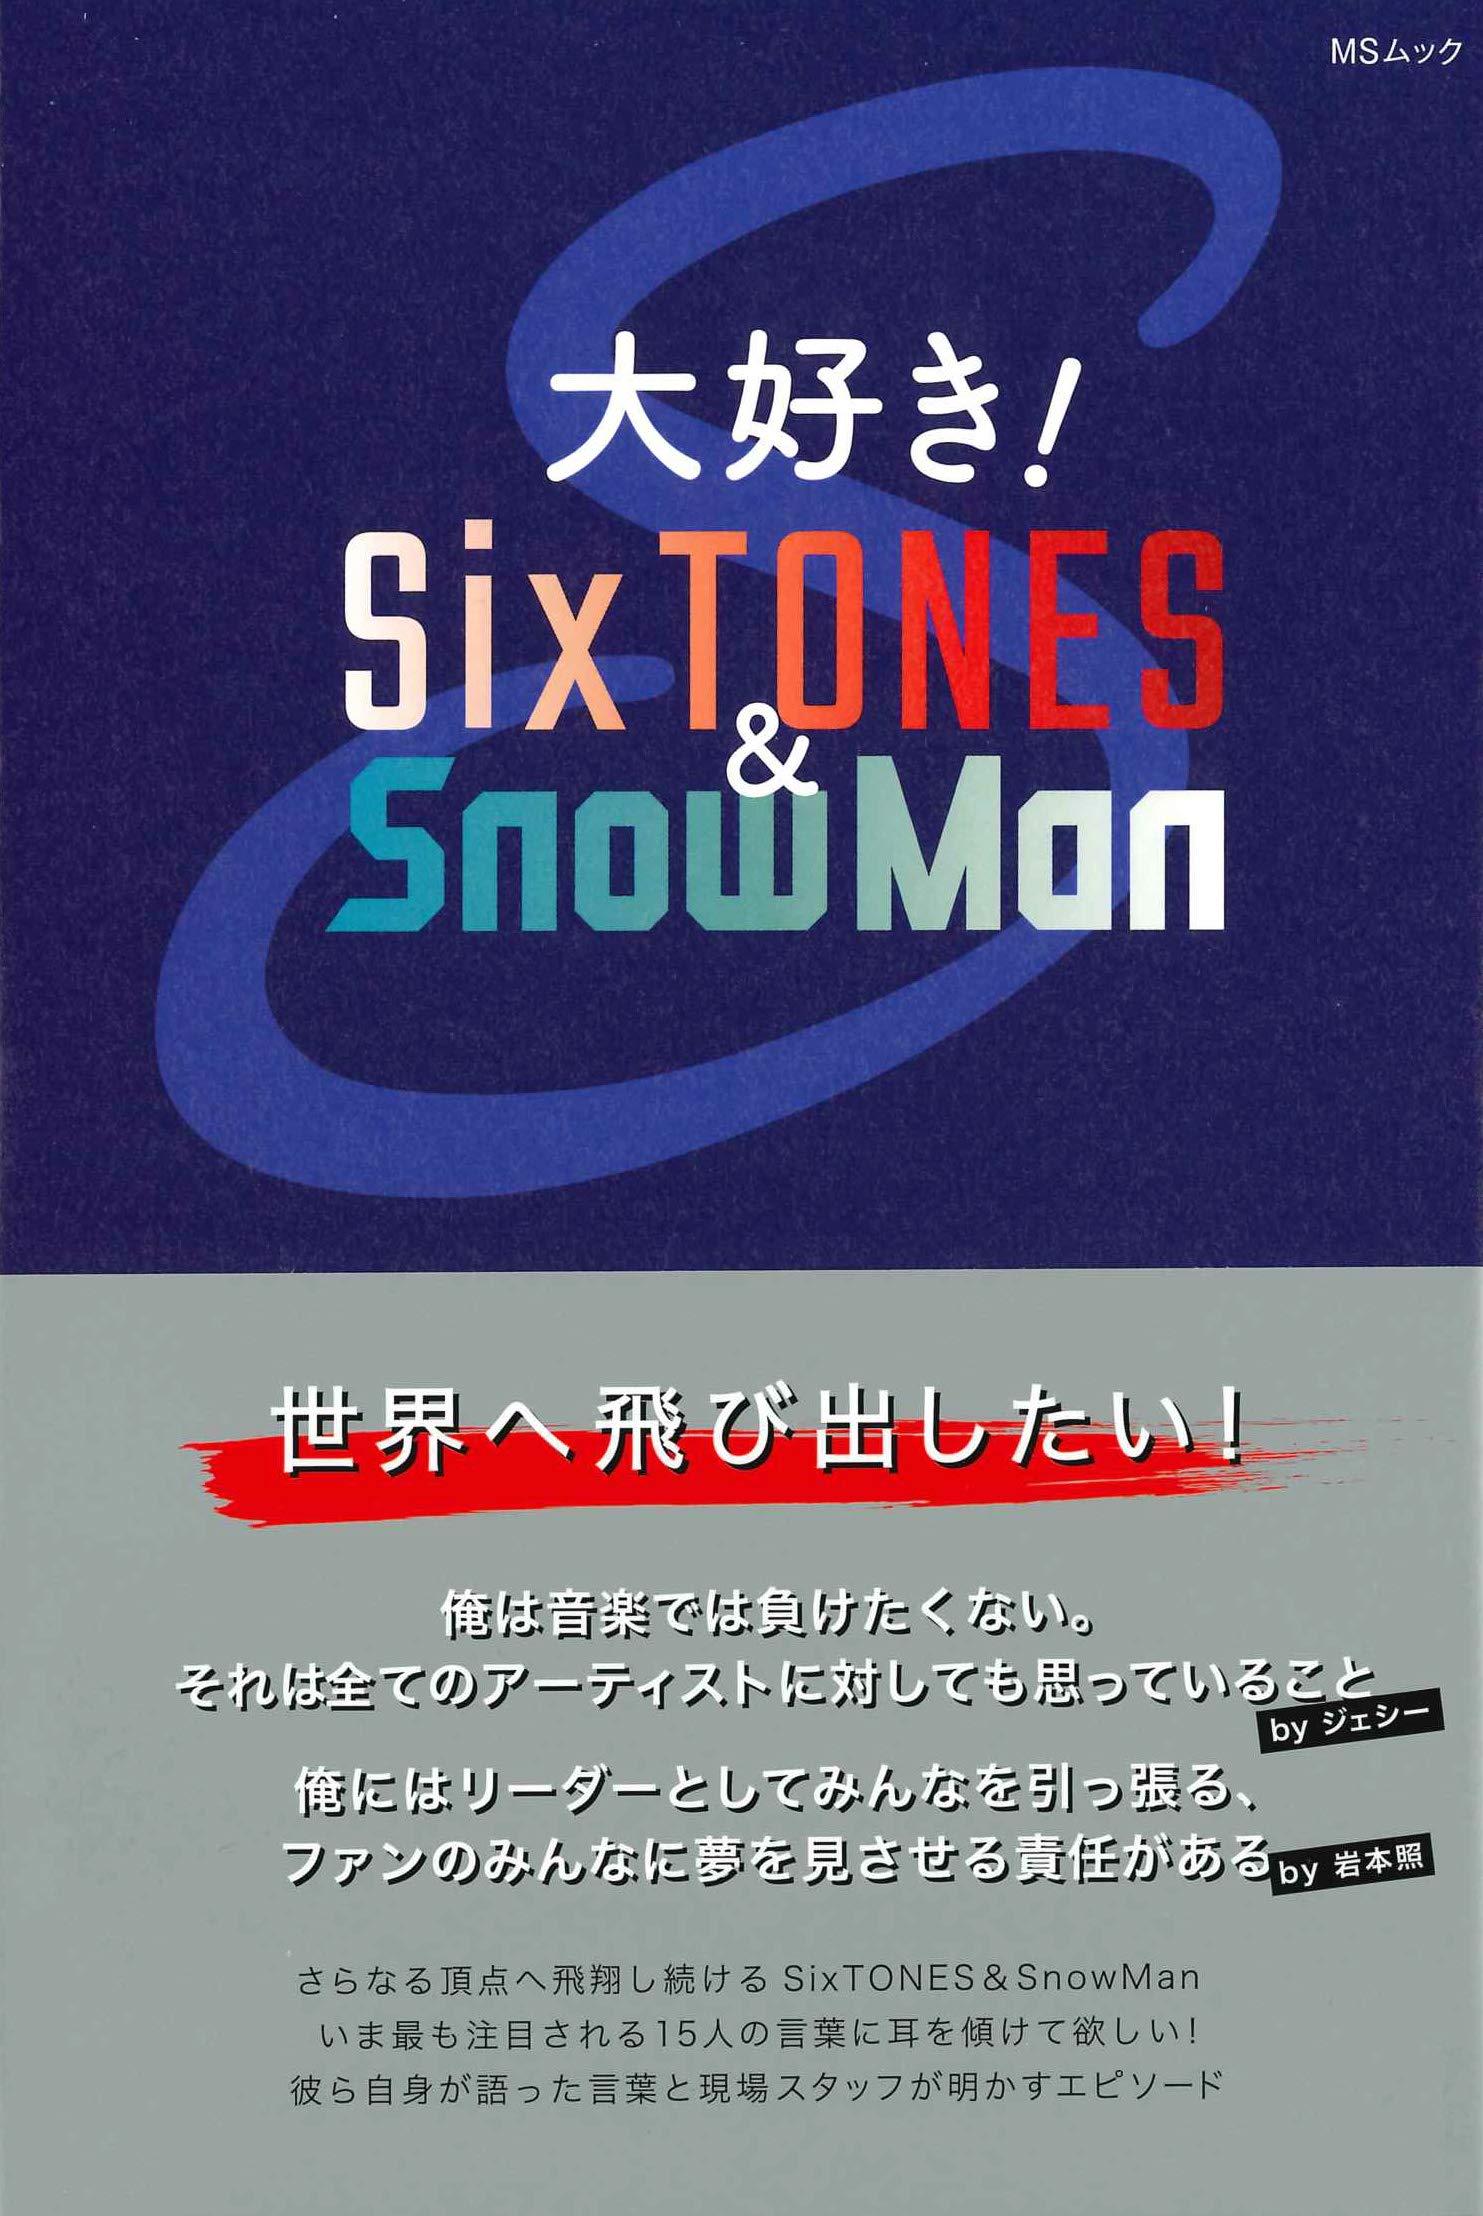 リーダー Snow man